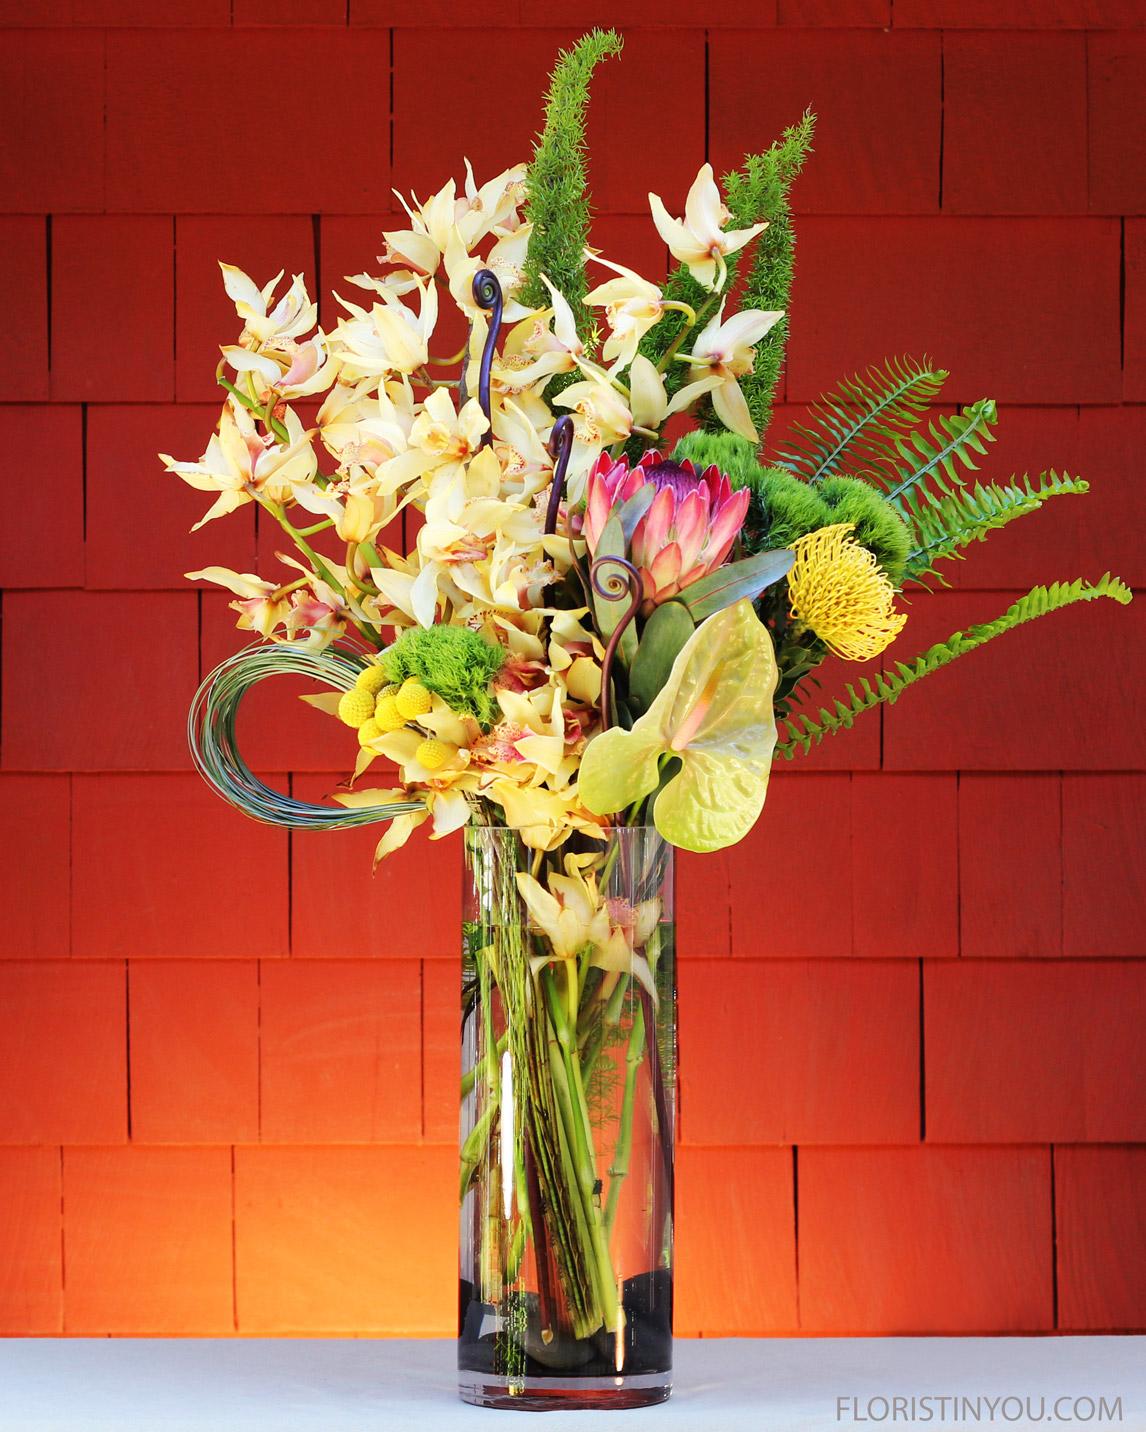 X-LG Orchid Arrangement